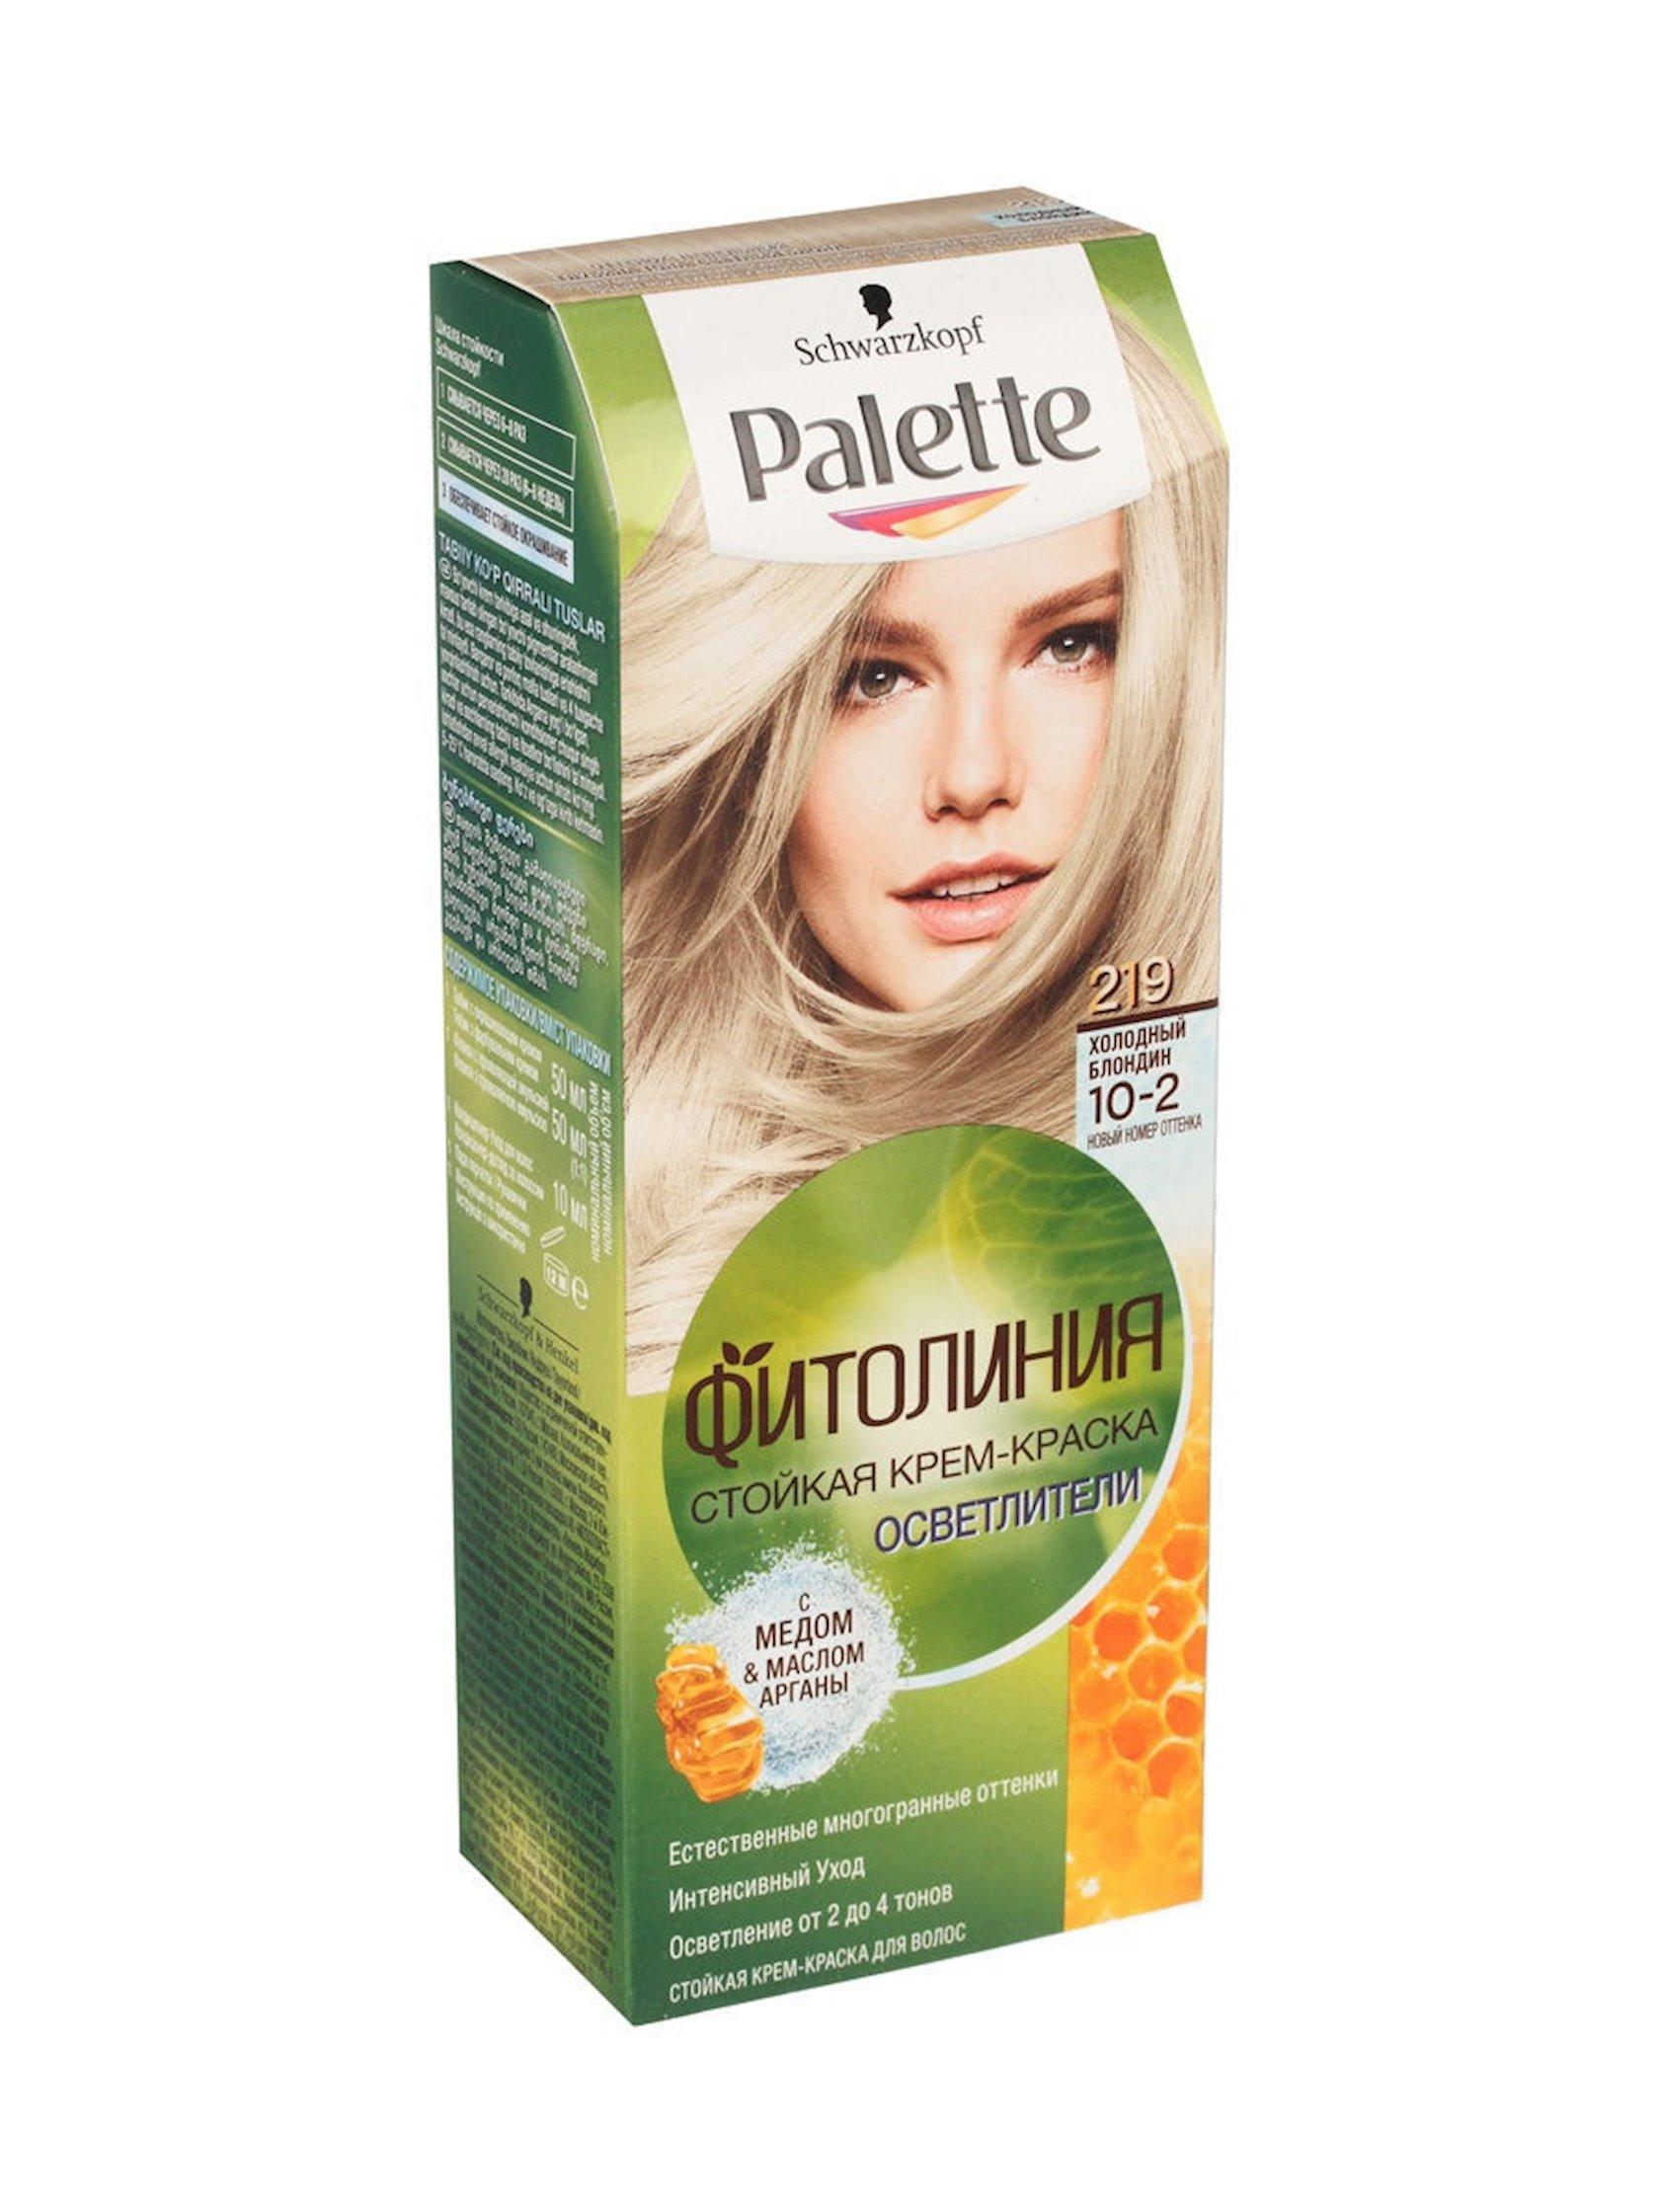 Saç boyası Palette Fitoliniya 219 10-2 Soyuq sarışın